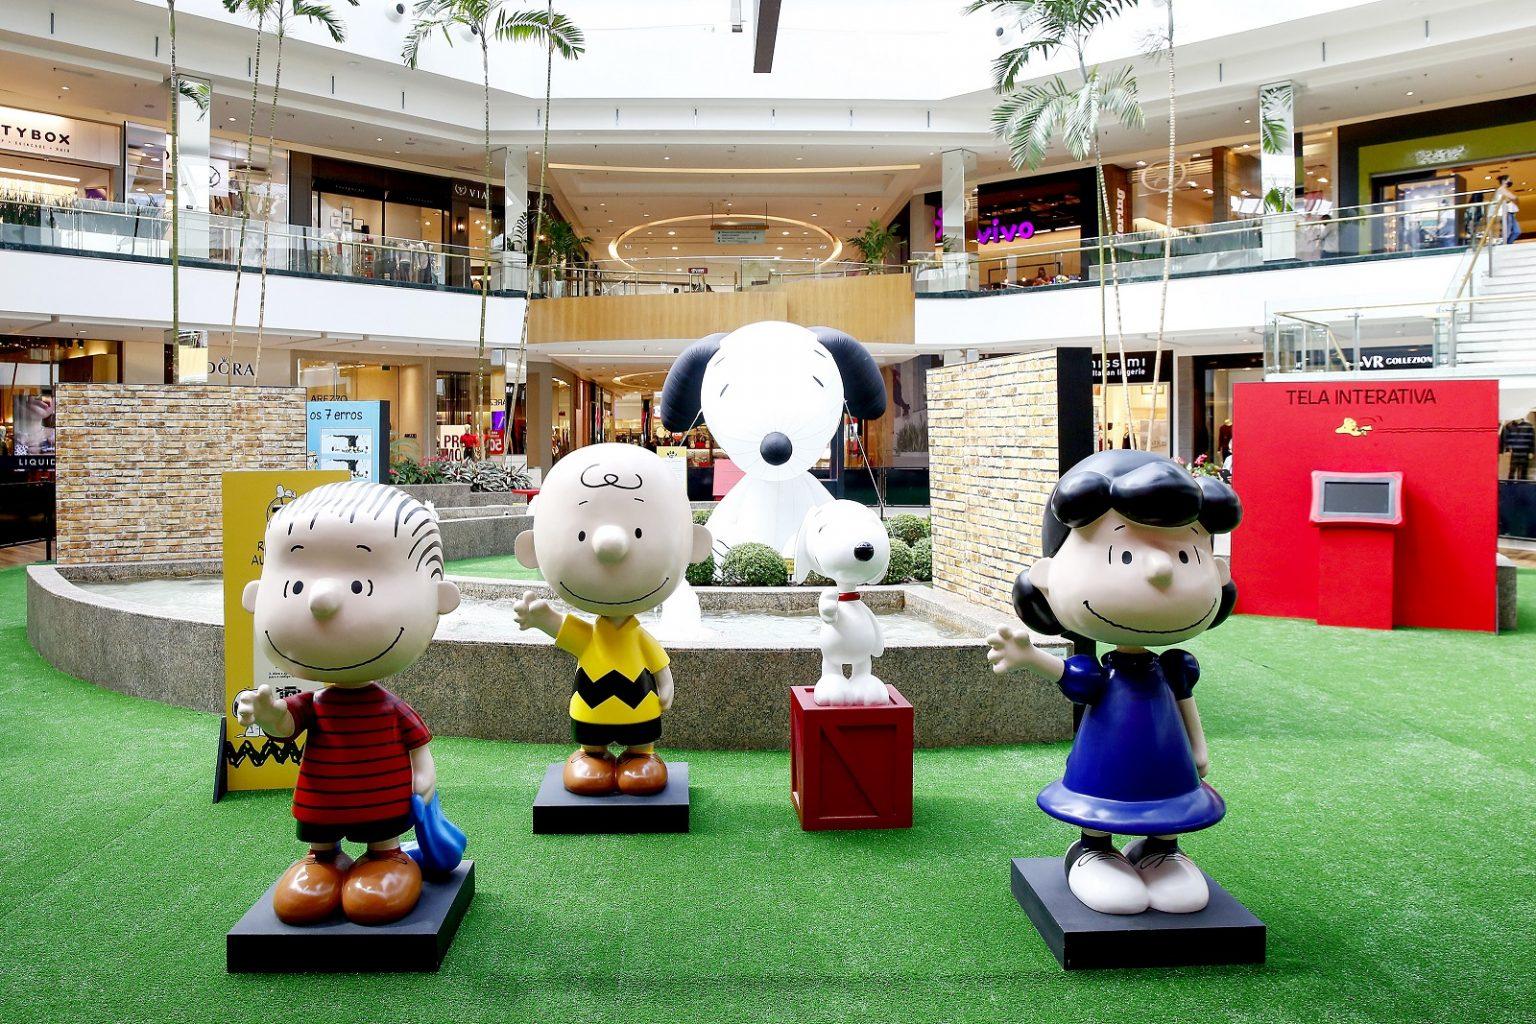 Esposição com a tura do Snoopy chega ao Brasil. (Foto: Augusto Costa Fotografia)